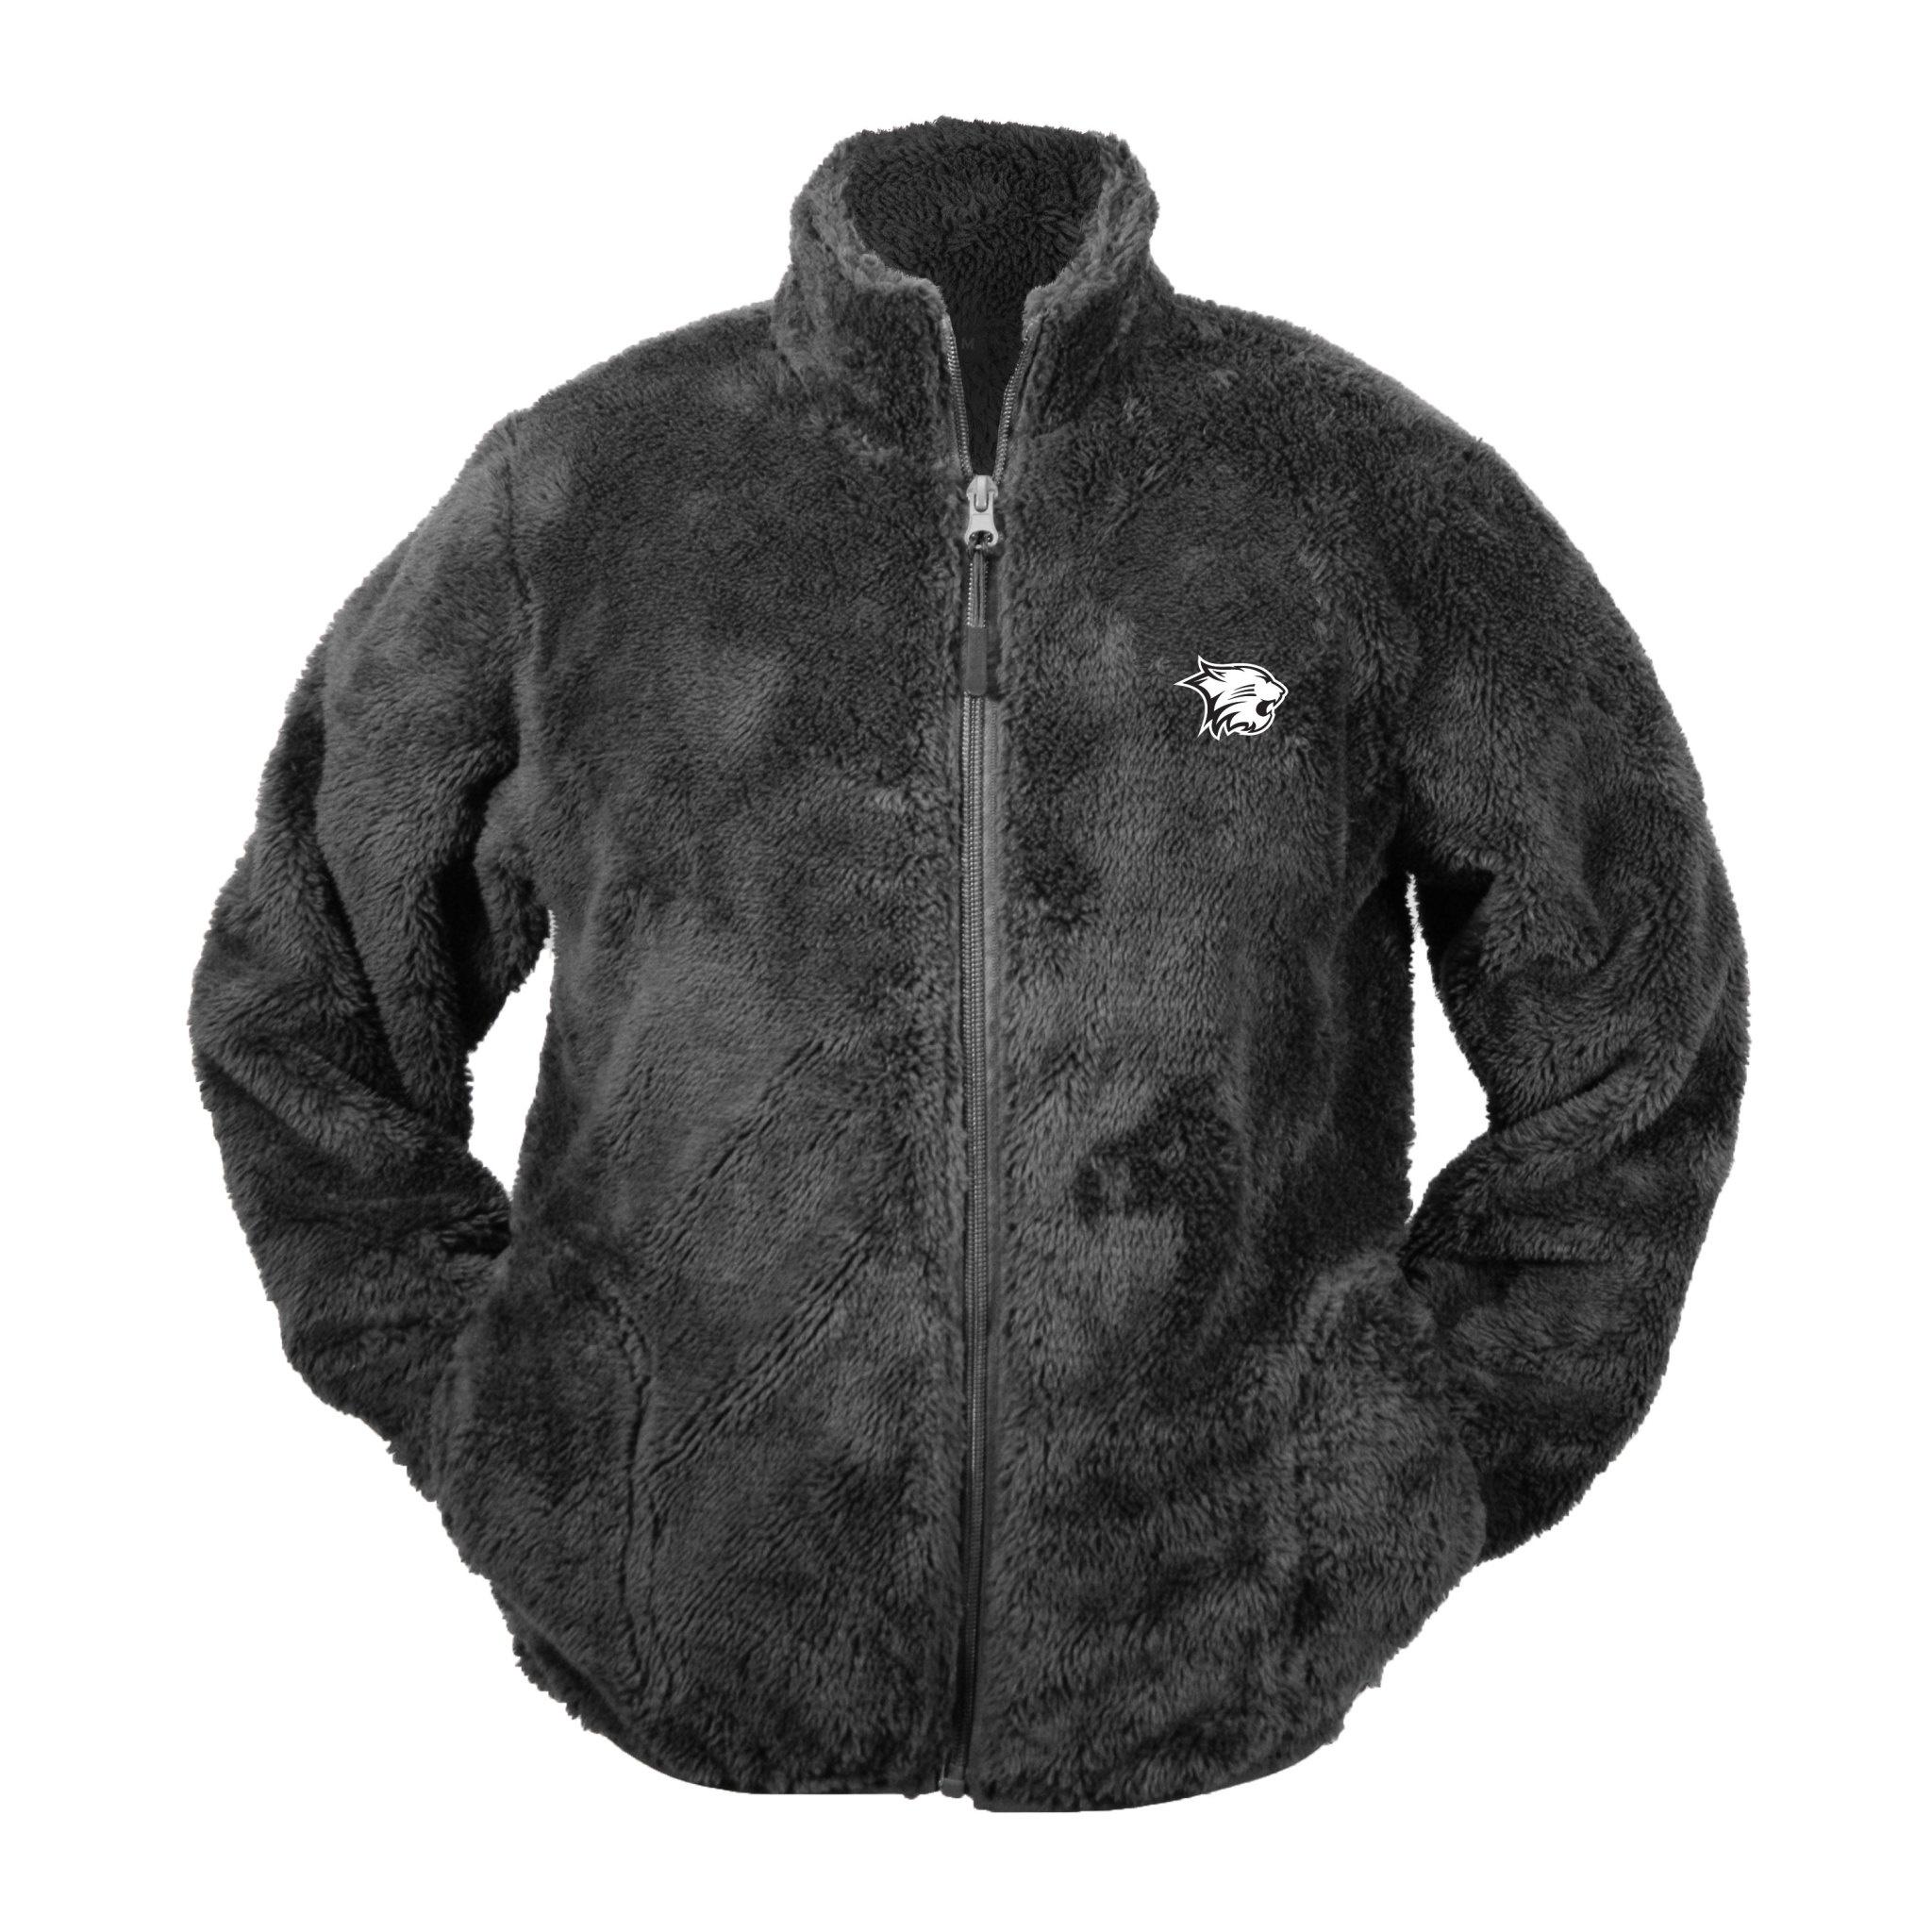 Jacket: Garb Youth Fuzzy w/ Cat Logo